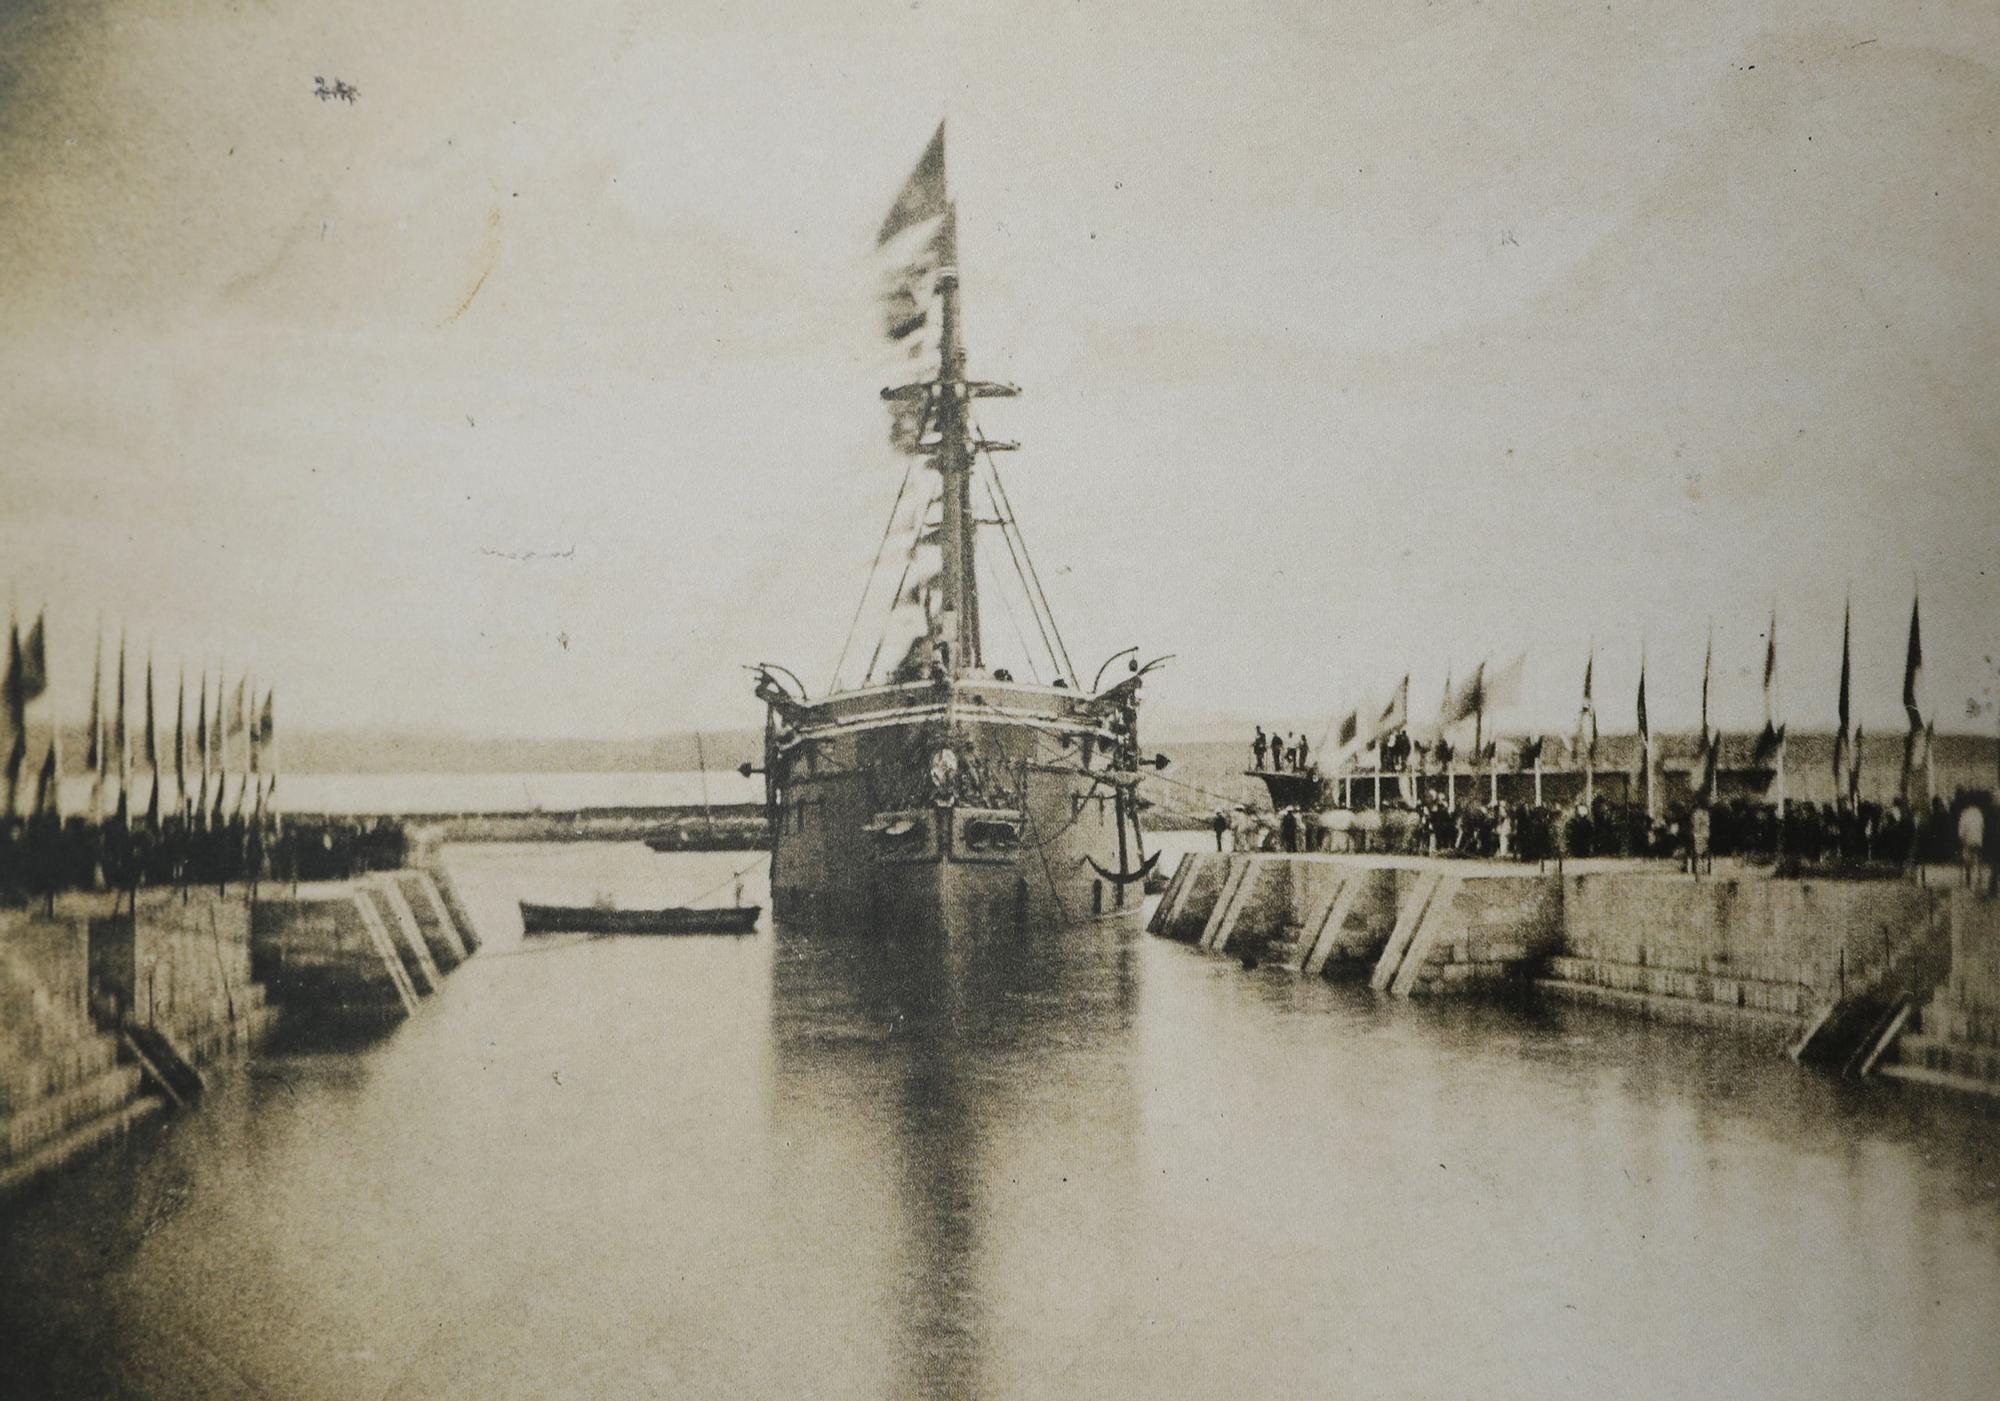 Una travesía fotográfica al pasado de la Marina española de casi cien años de navegación